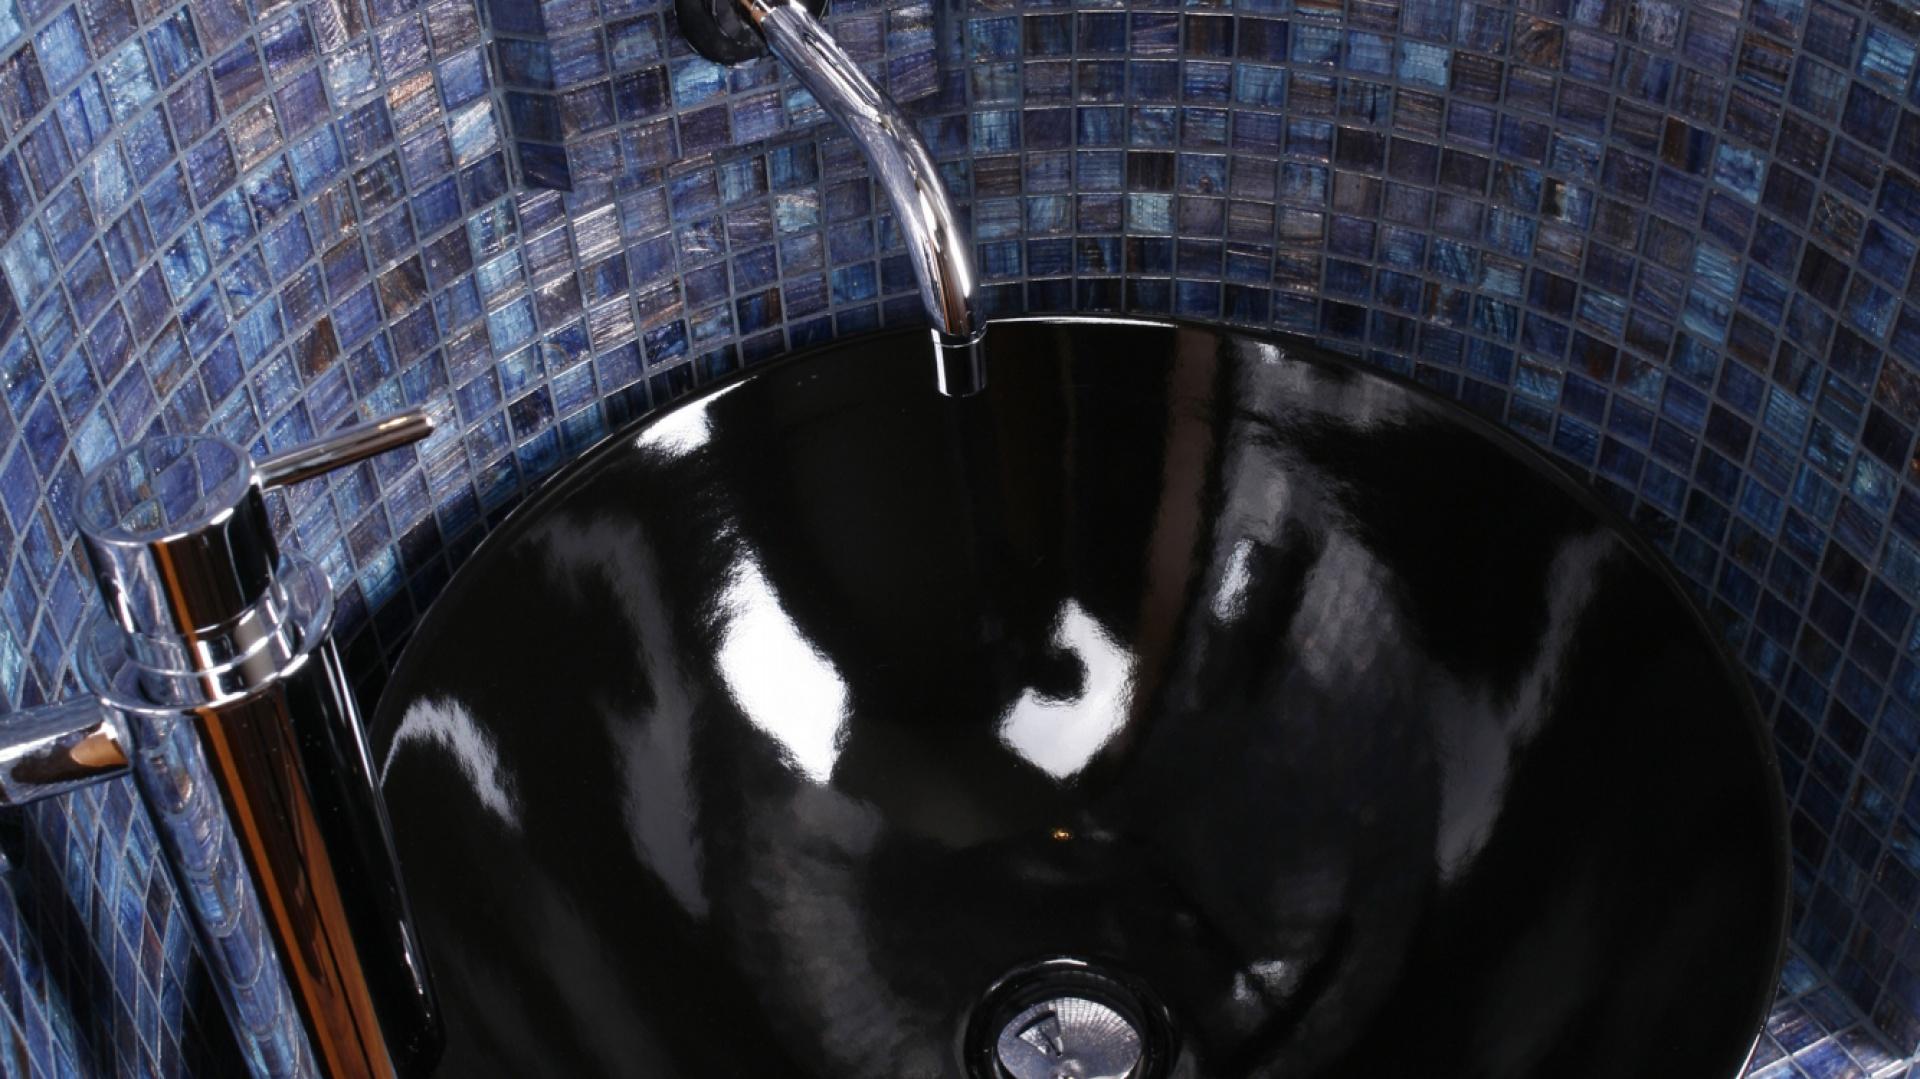 Czarny zlew doskonale współgra z detalami ze stali nierdzewnej: chromowanym pojemnikiem na mydło i wieszakiem na ręcznik (Plus) oraz baterią (Vola). Fot. Bartosz Jarosz.